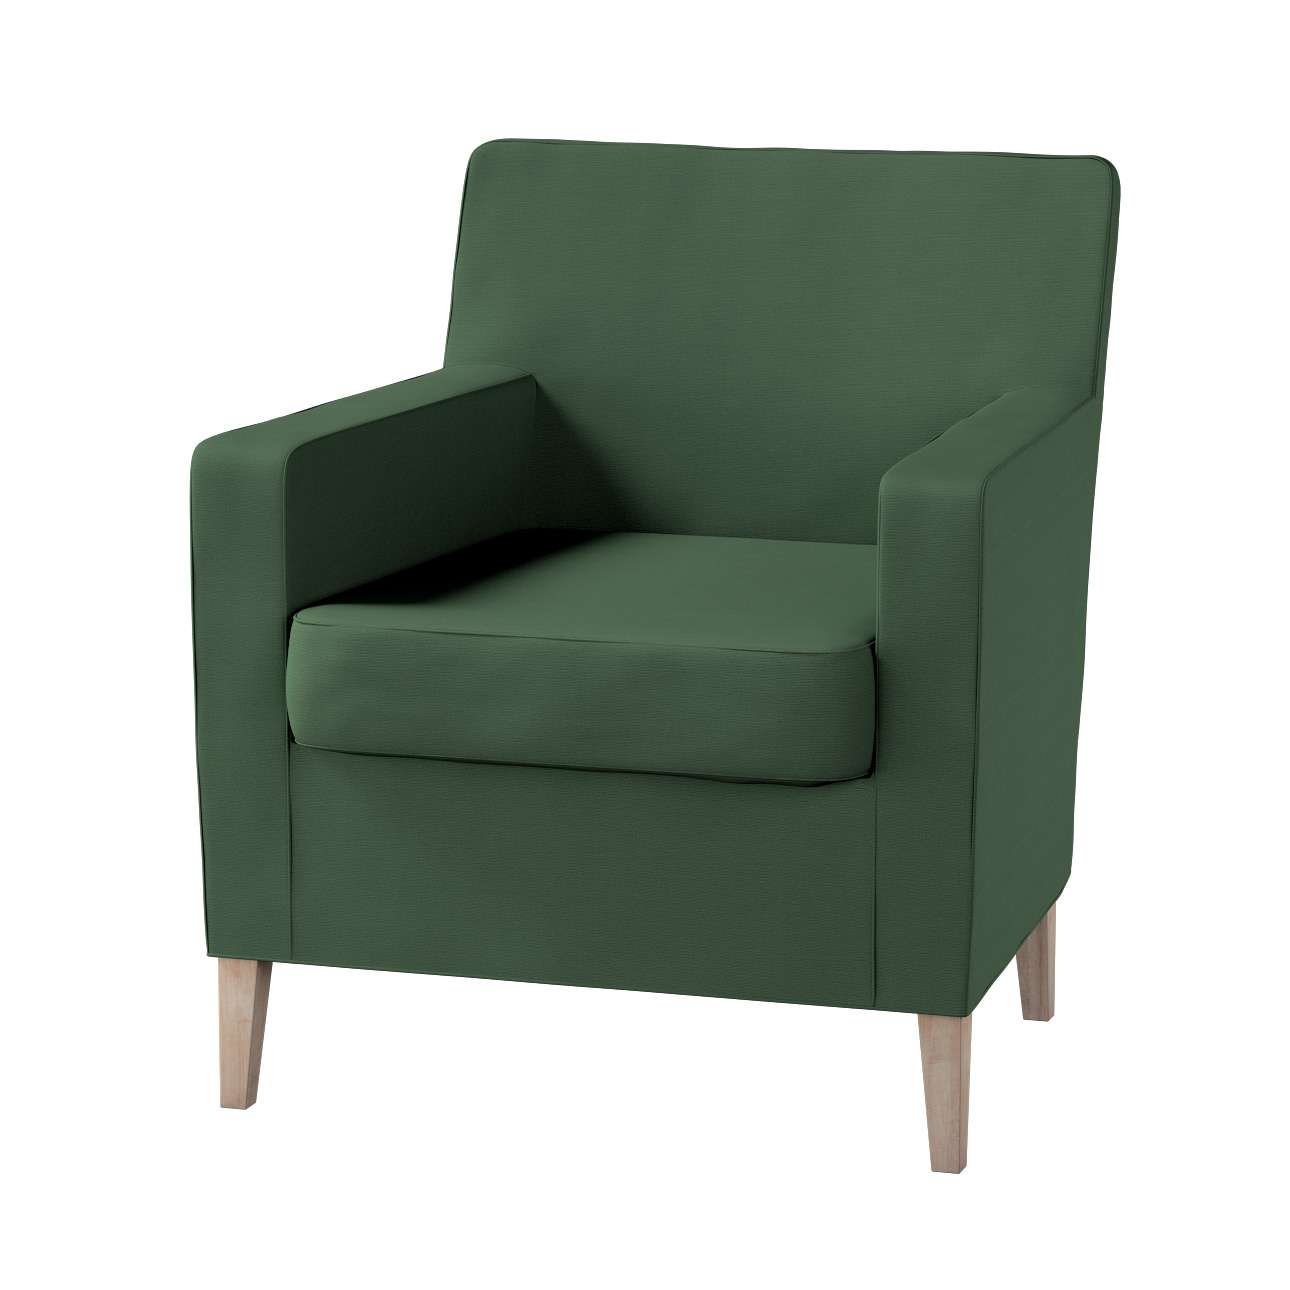 Pokrowiec na fotel Karlstad Fotel  Karlstad w kolekcji Cotton Panama, tkanina: 702-06